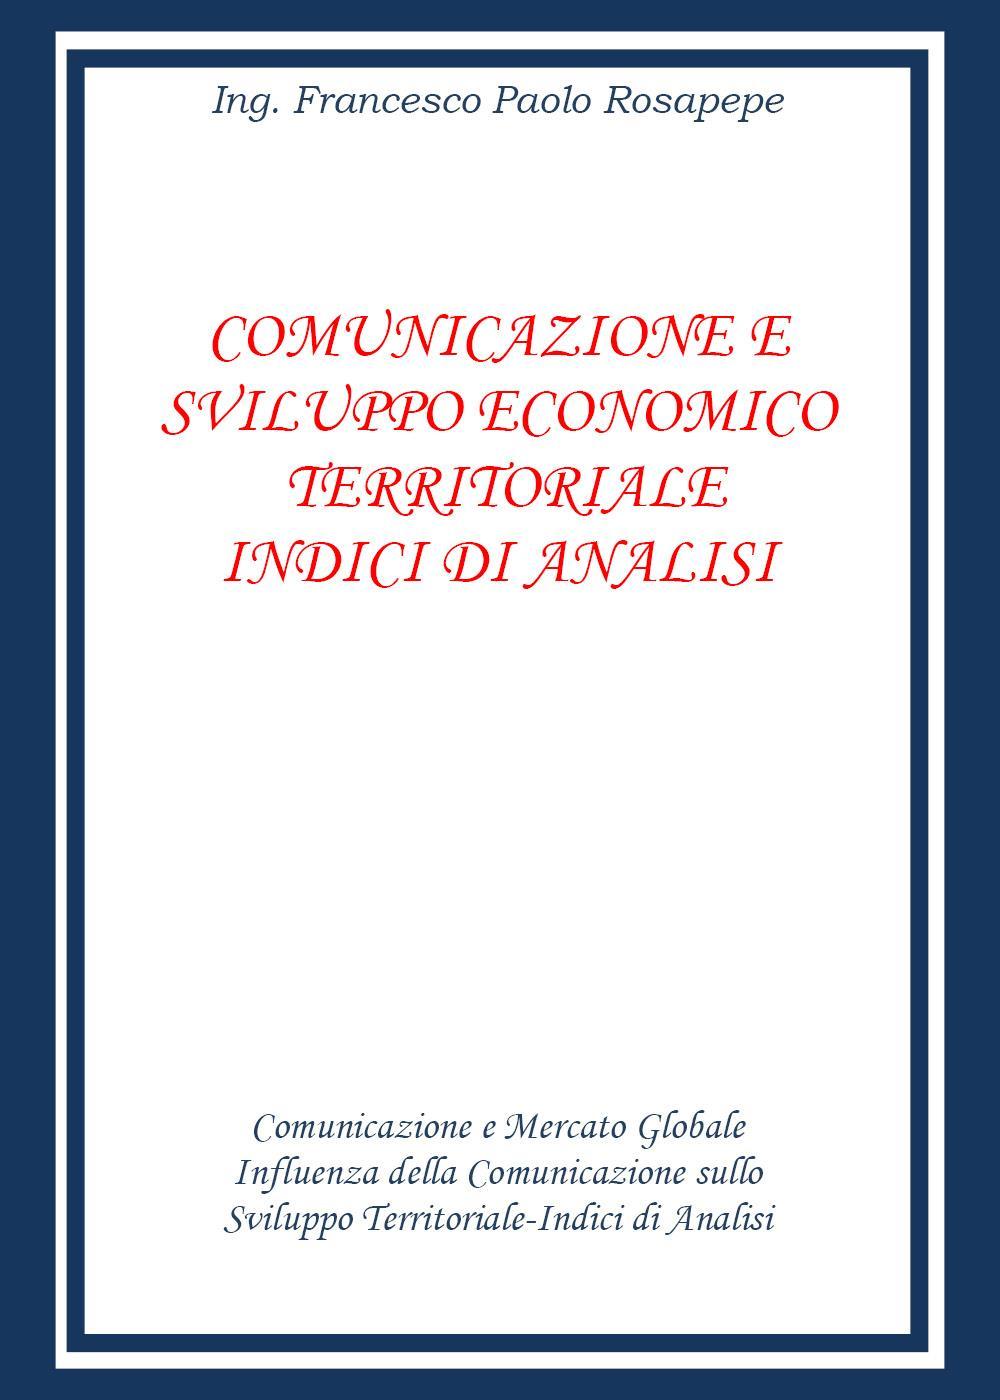 COMUNICAZIONE E SVILUPPO ECONOMICO TERRITORIALE INDICI DI ANALISI